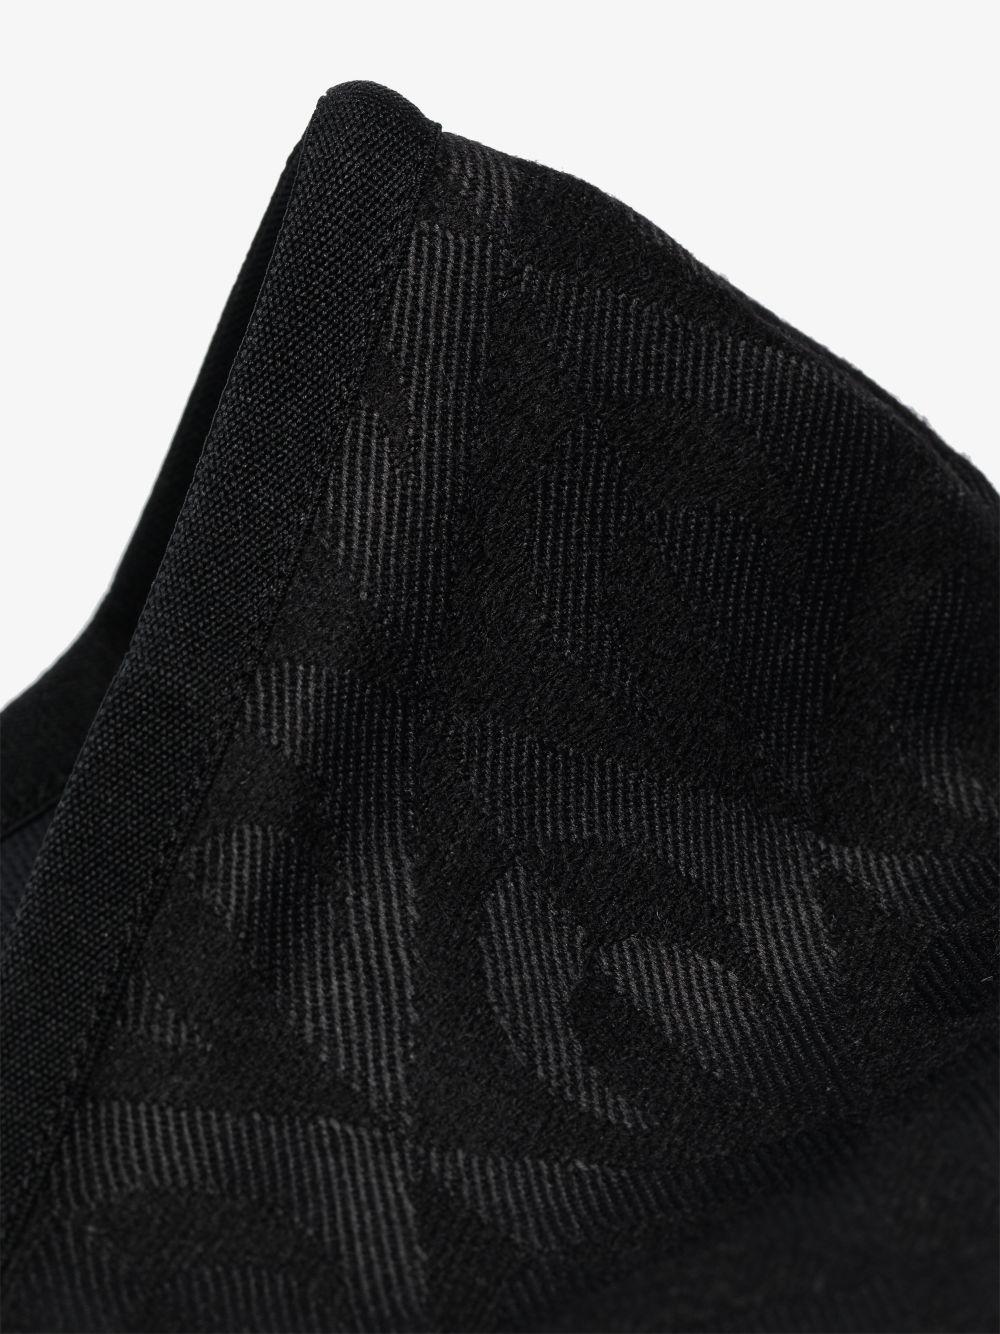 mascherina con logo uomo MARINE SERRE | Mascherine | A131FW21X WOTPL002600